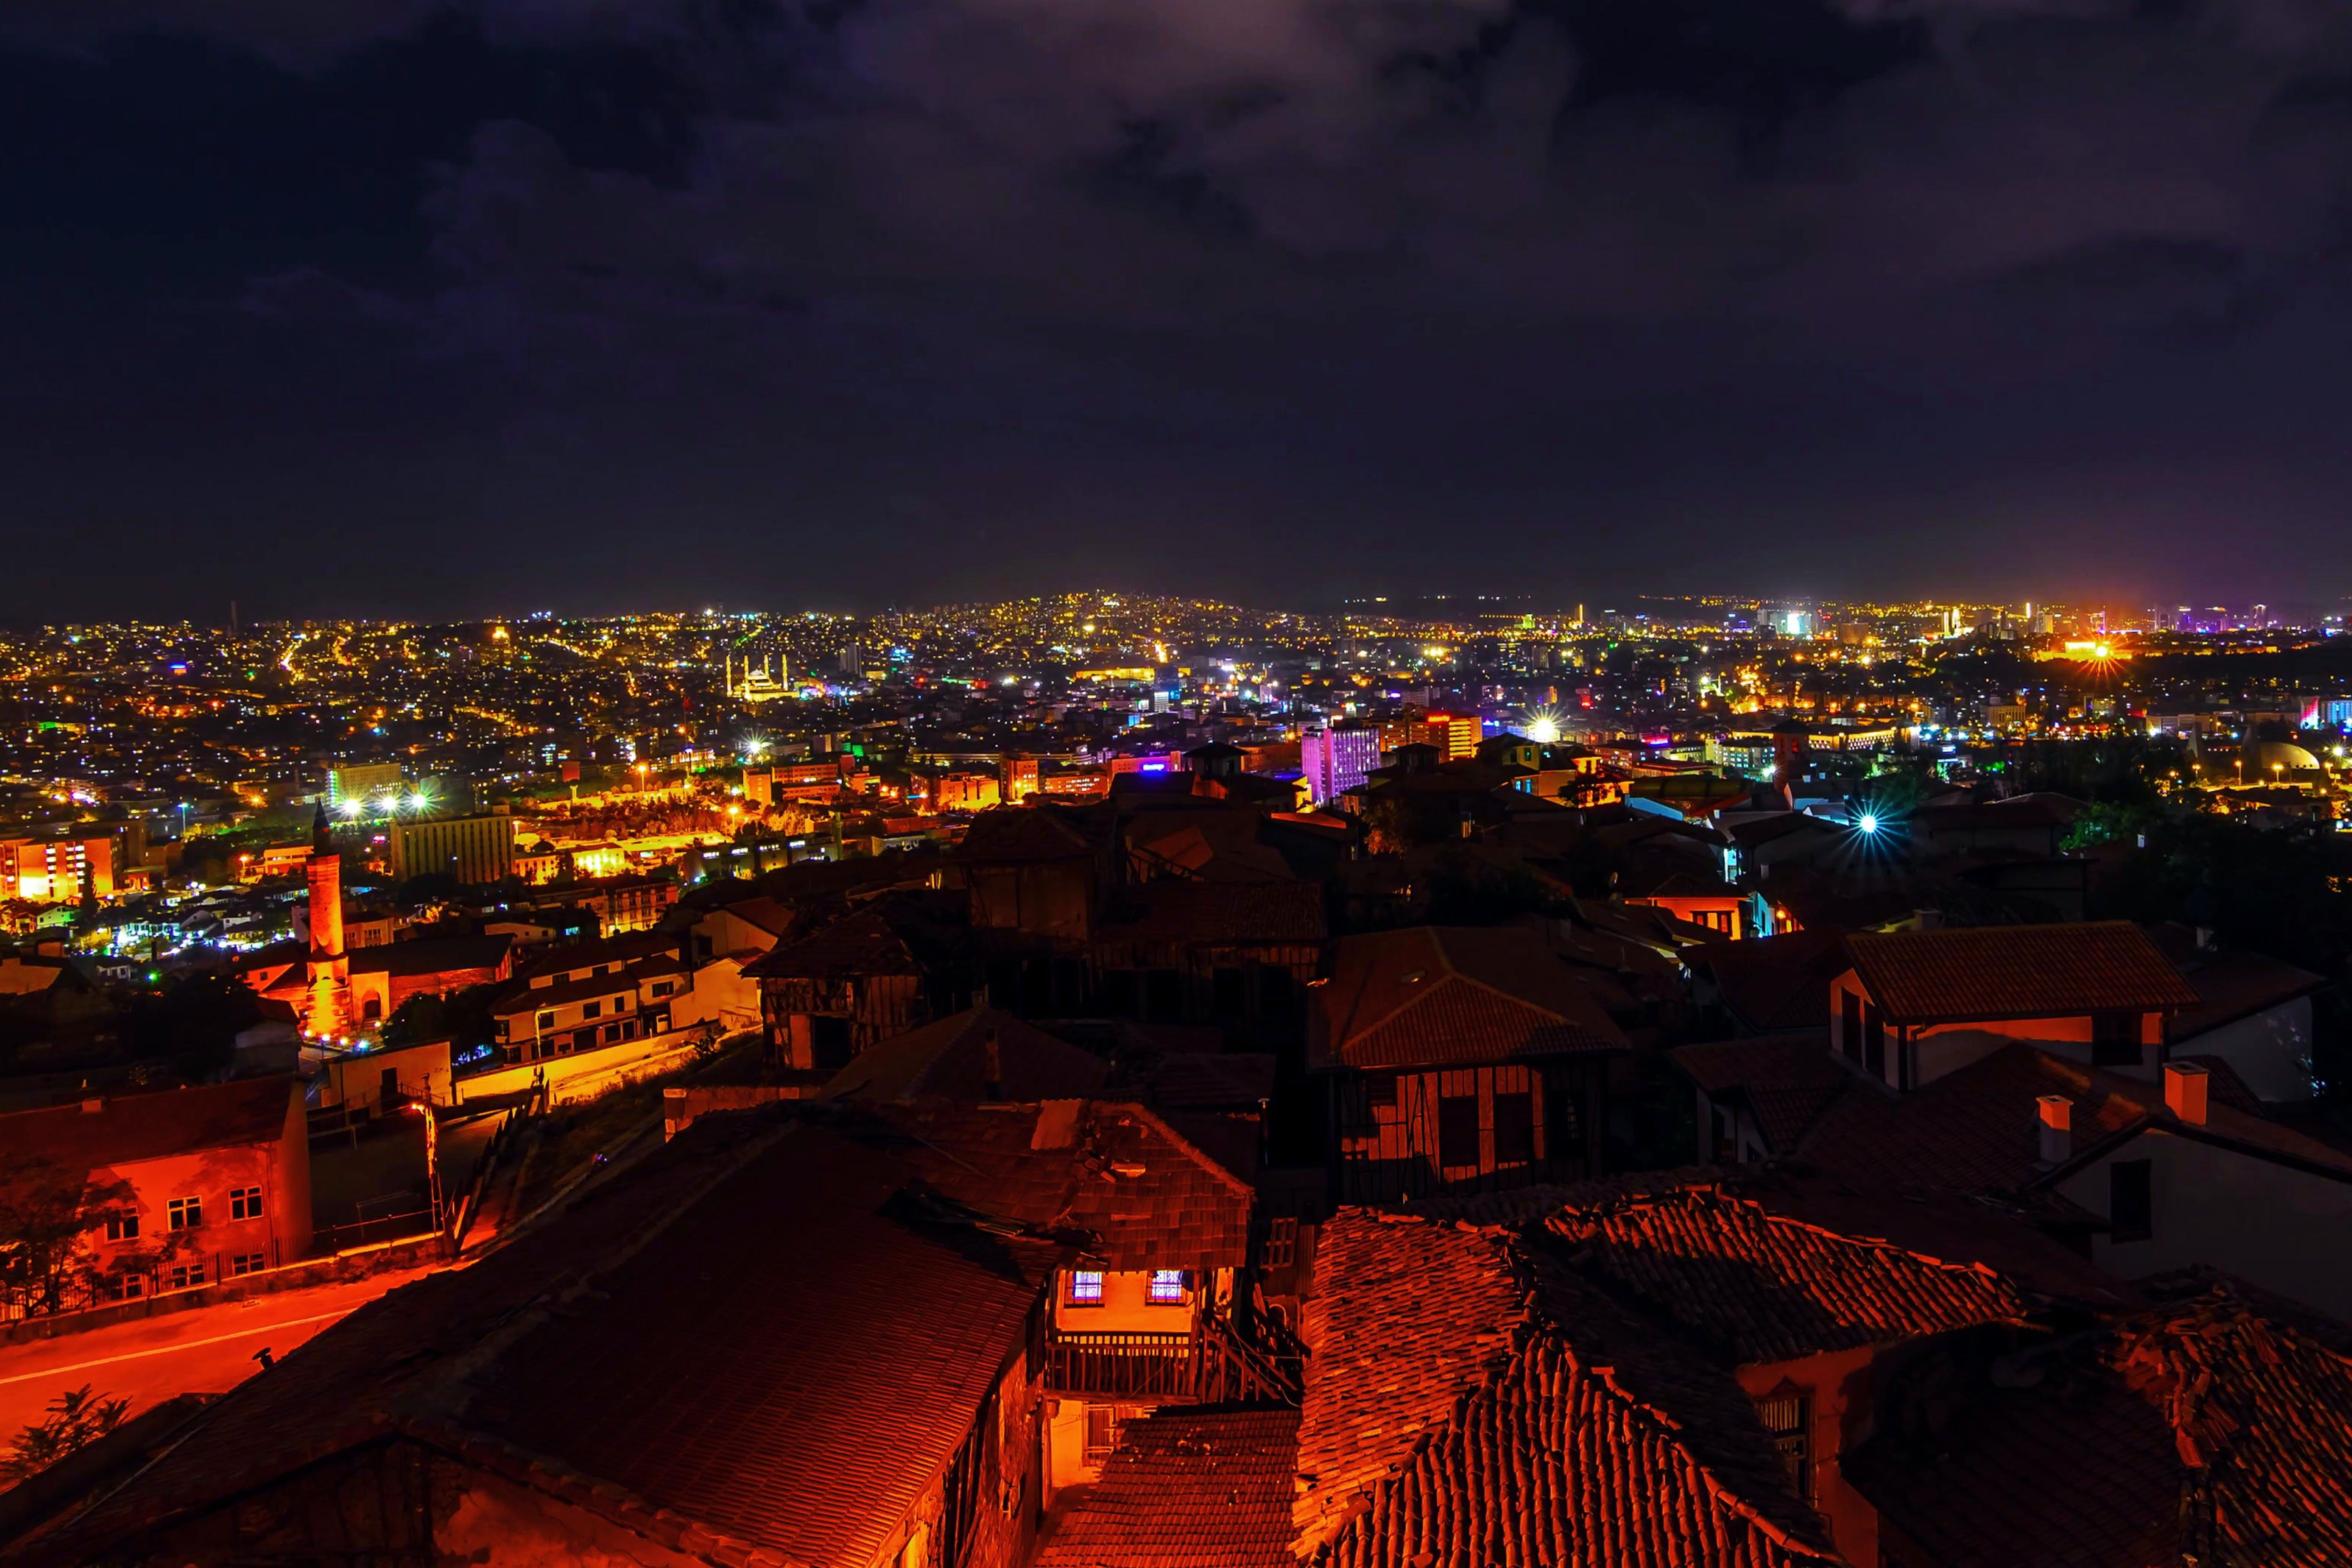 ของ กลางคืน, ตอนเย็น, ตัวเมือง, ตึก